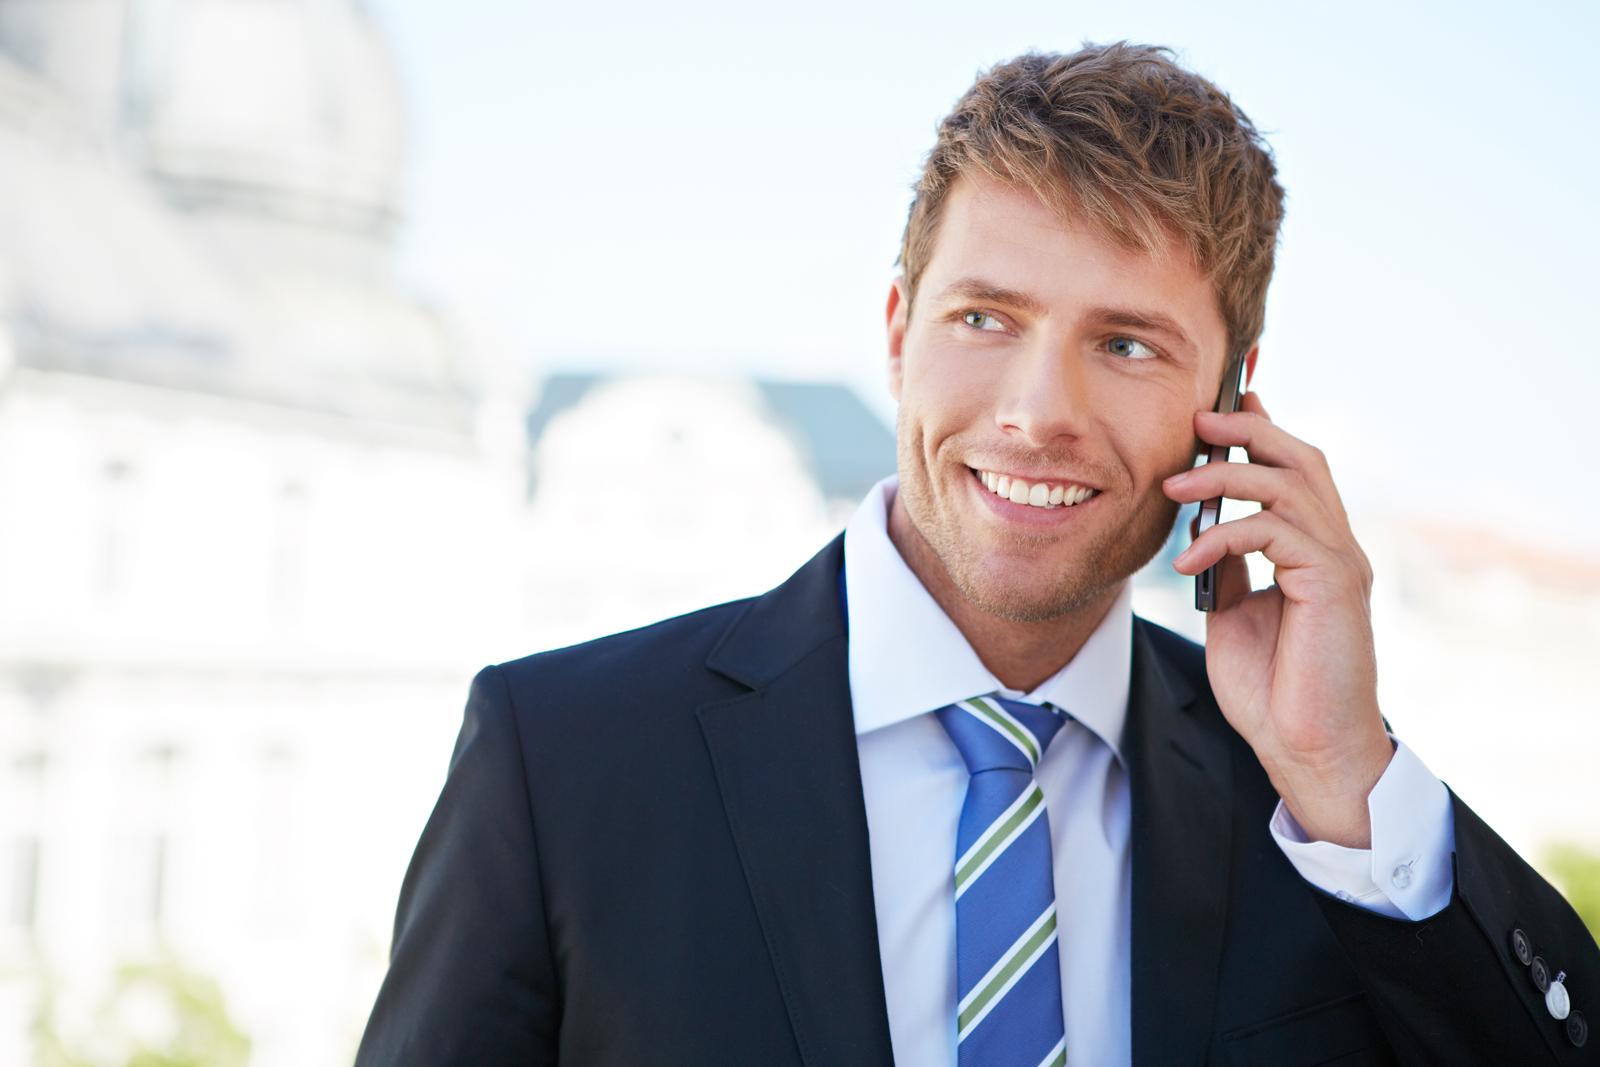 entrevista de trabajo, buscar empleo, encontrar empleo, trabajo ideal, oportunidades de empleo